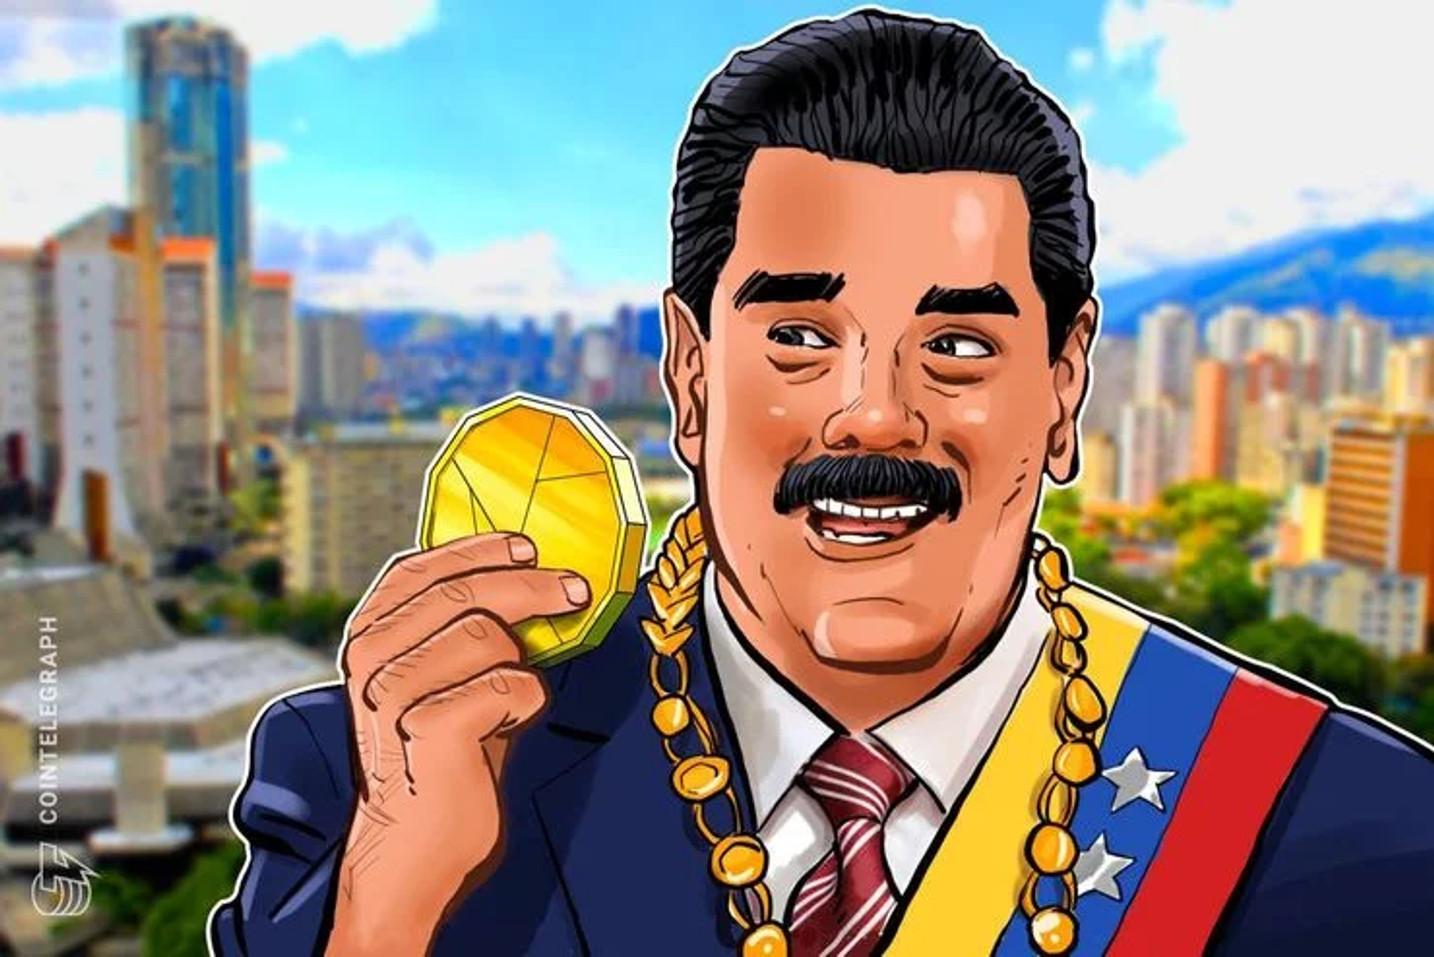 Régimen venezolano sigue moviendo sus petros: repartirán 1 millón por gobernación